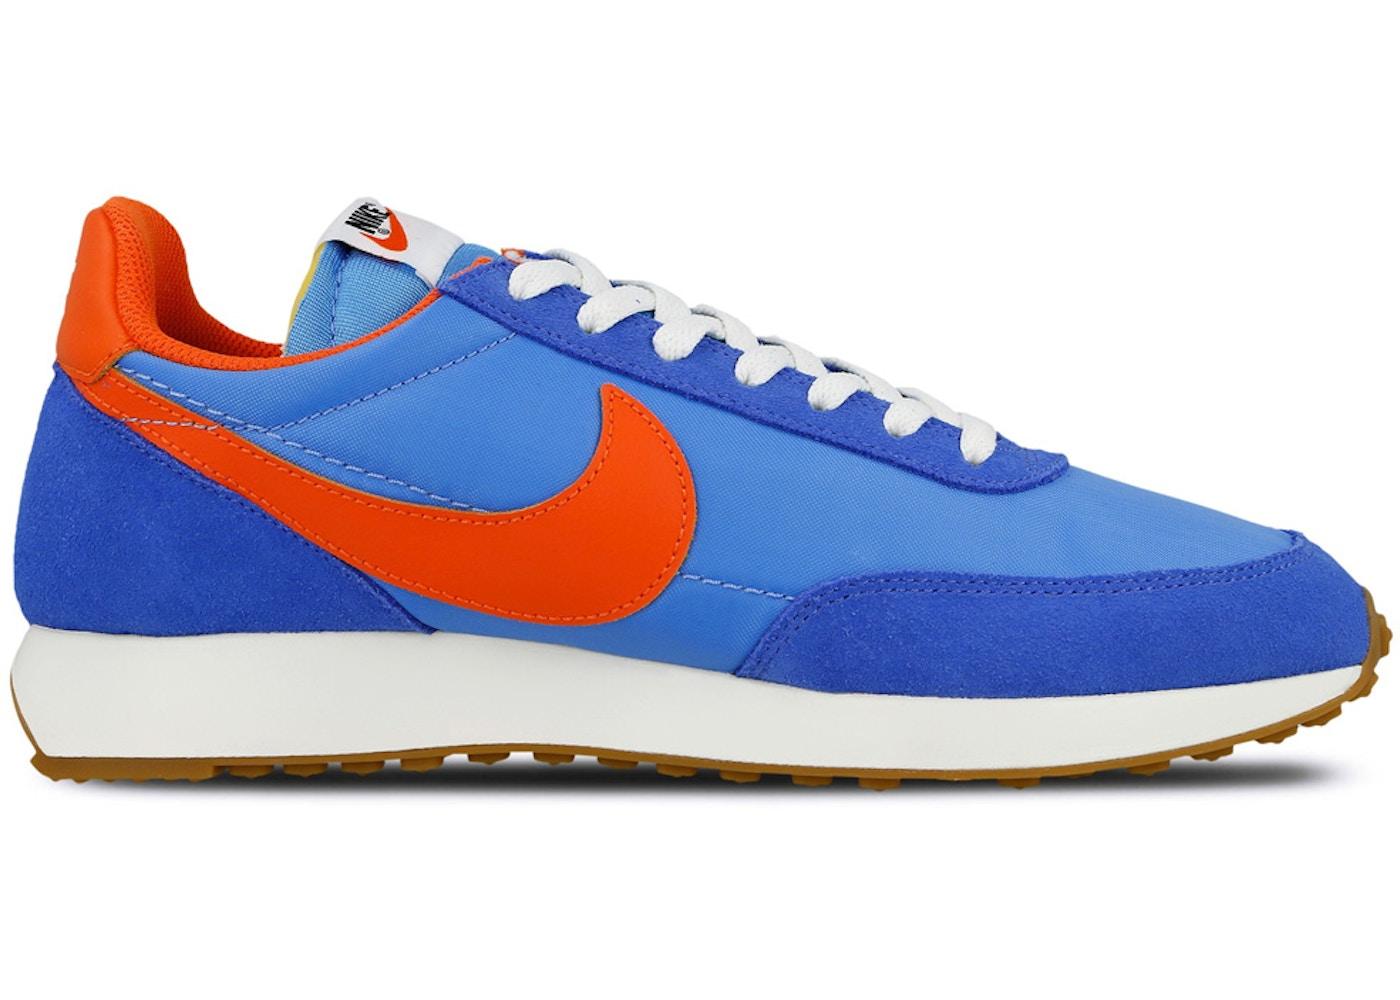 super popular de1b8 31755 Nike Tailwind 97 Pacific Orange